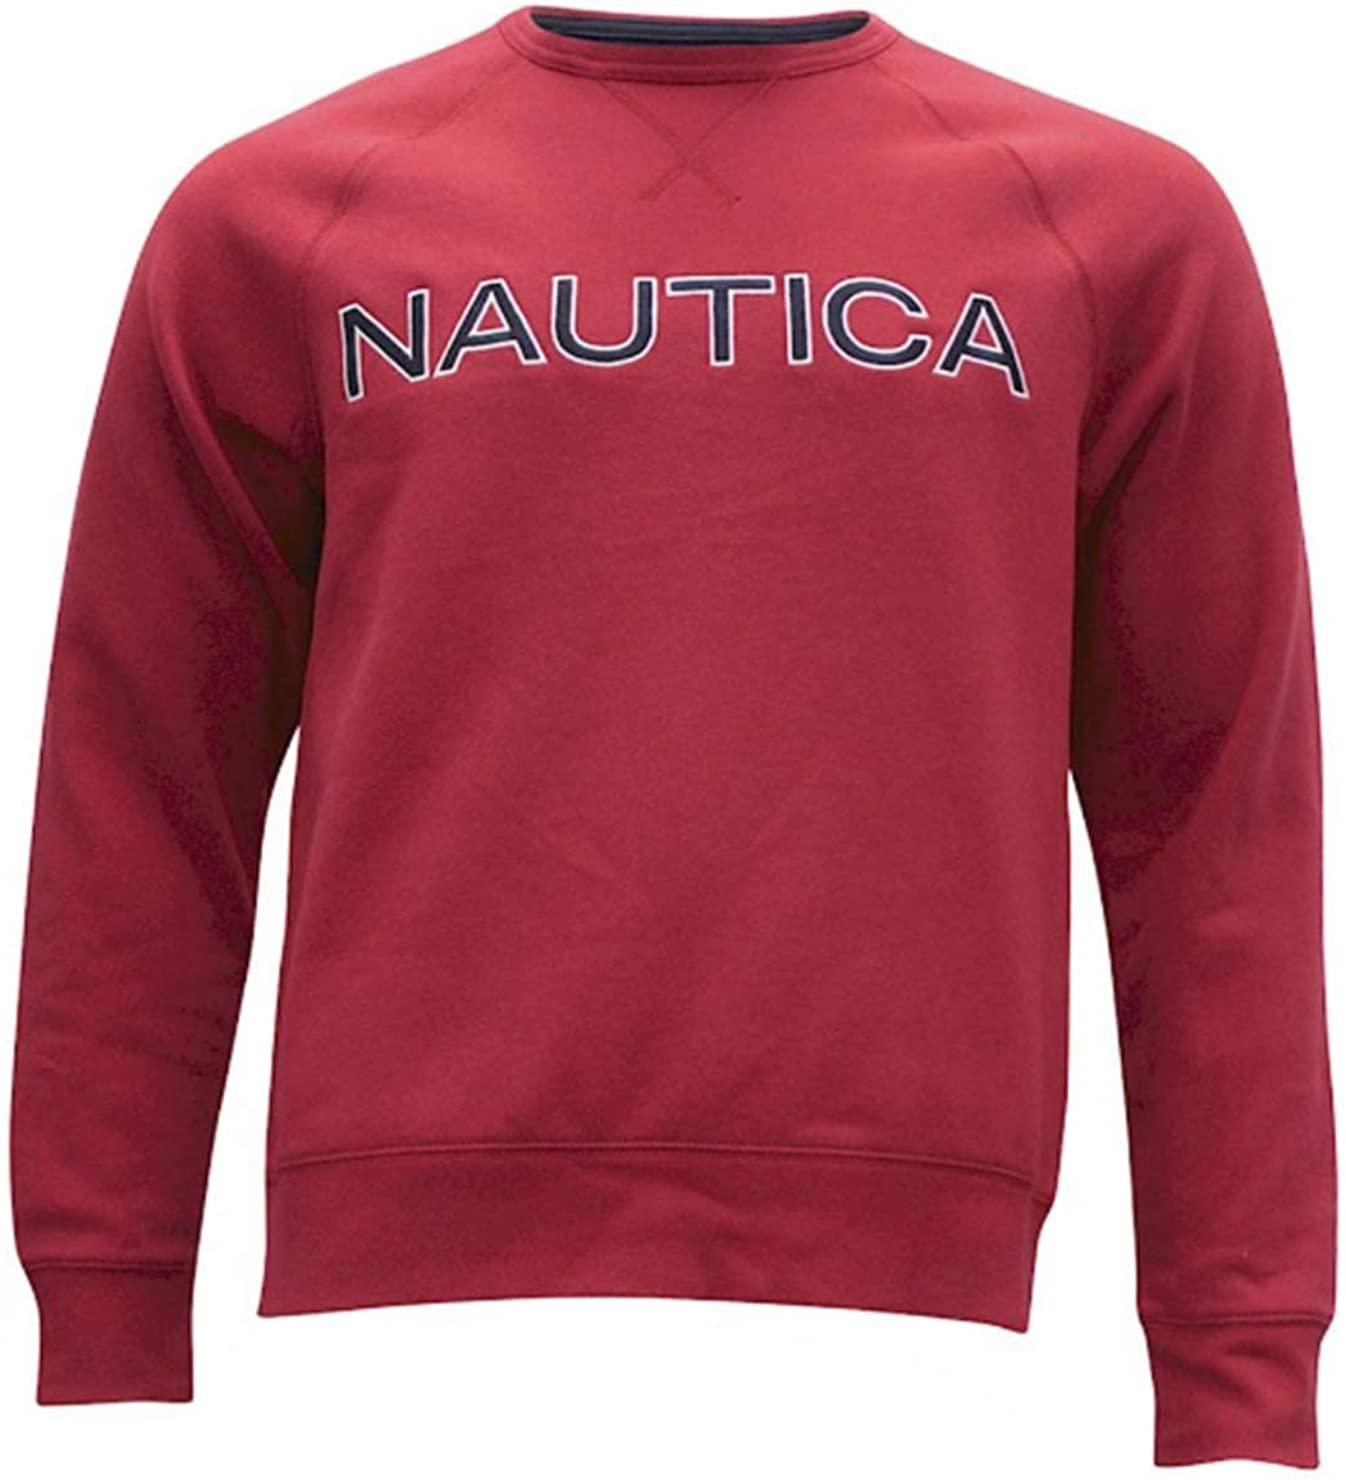 Nautica Men's Fleece Long Sleeve Crew Neck Sweatshirt